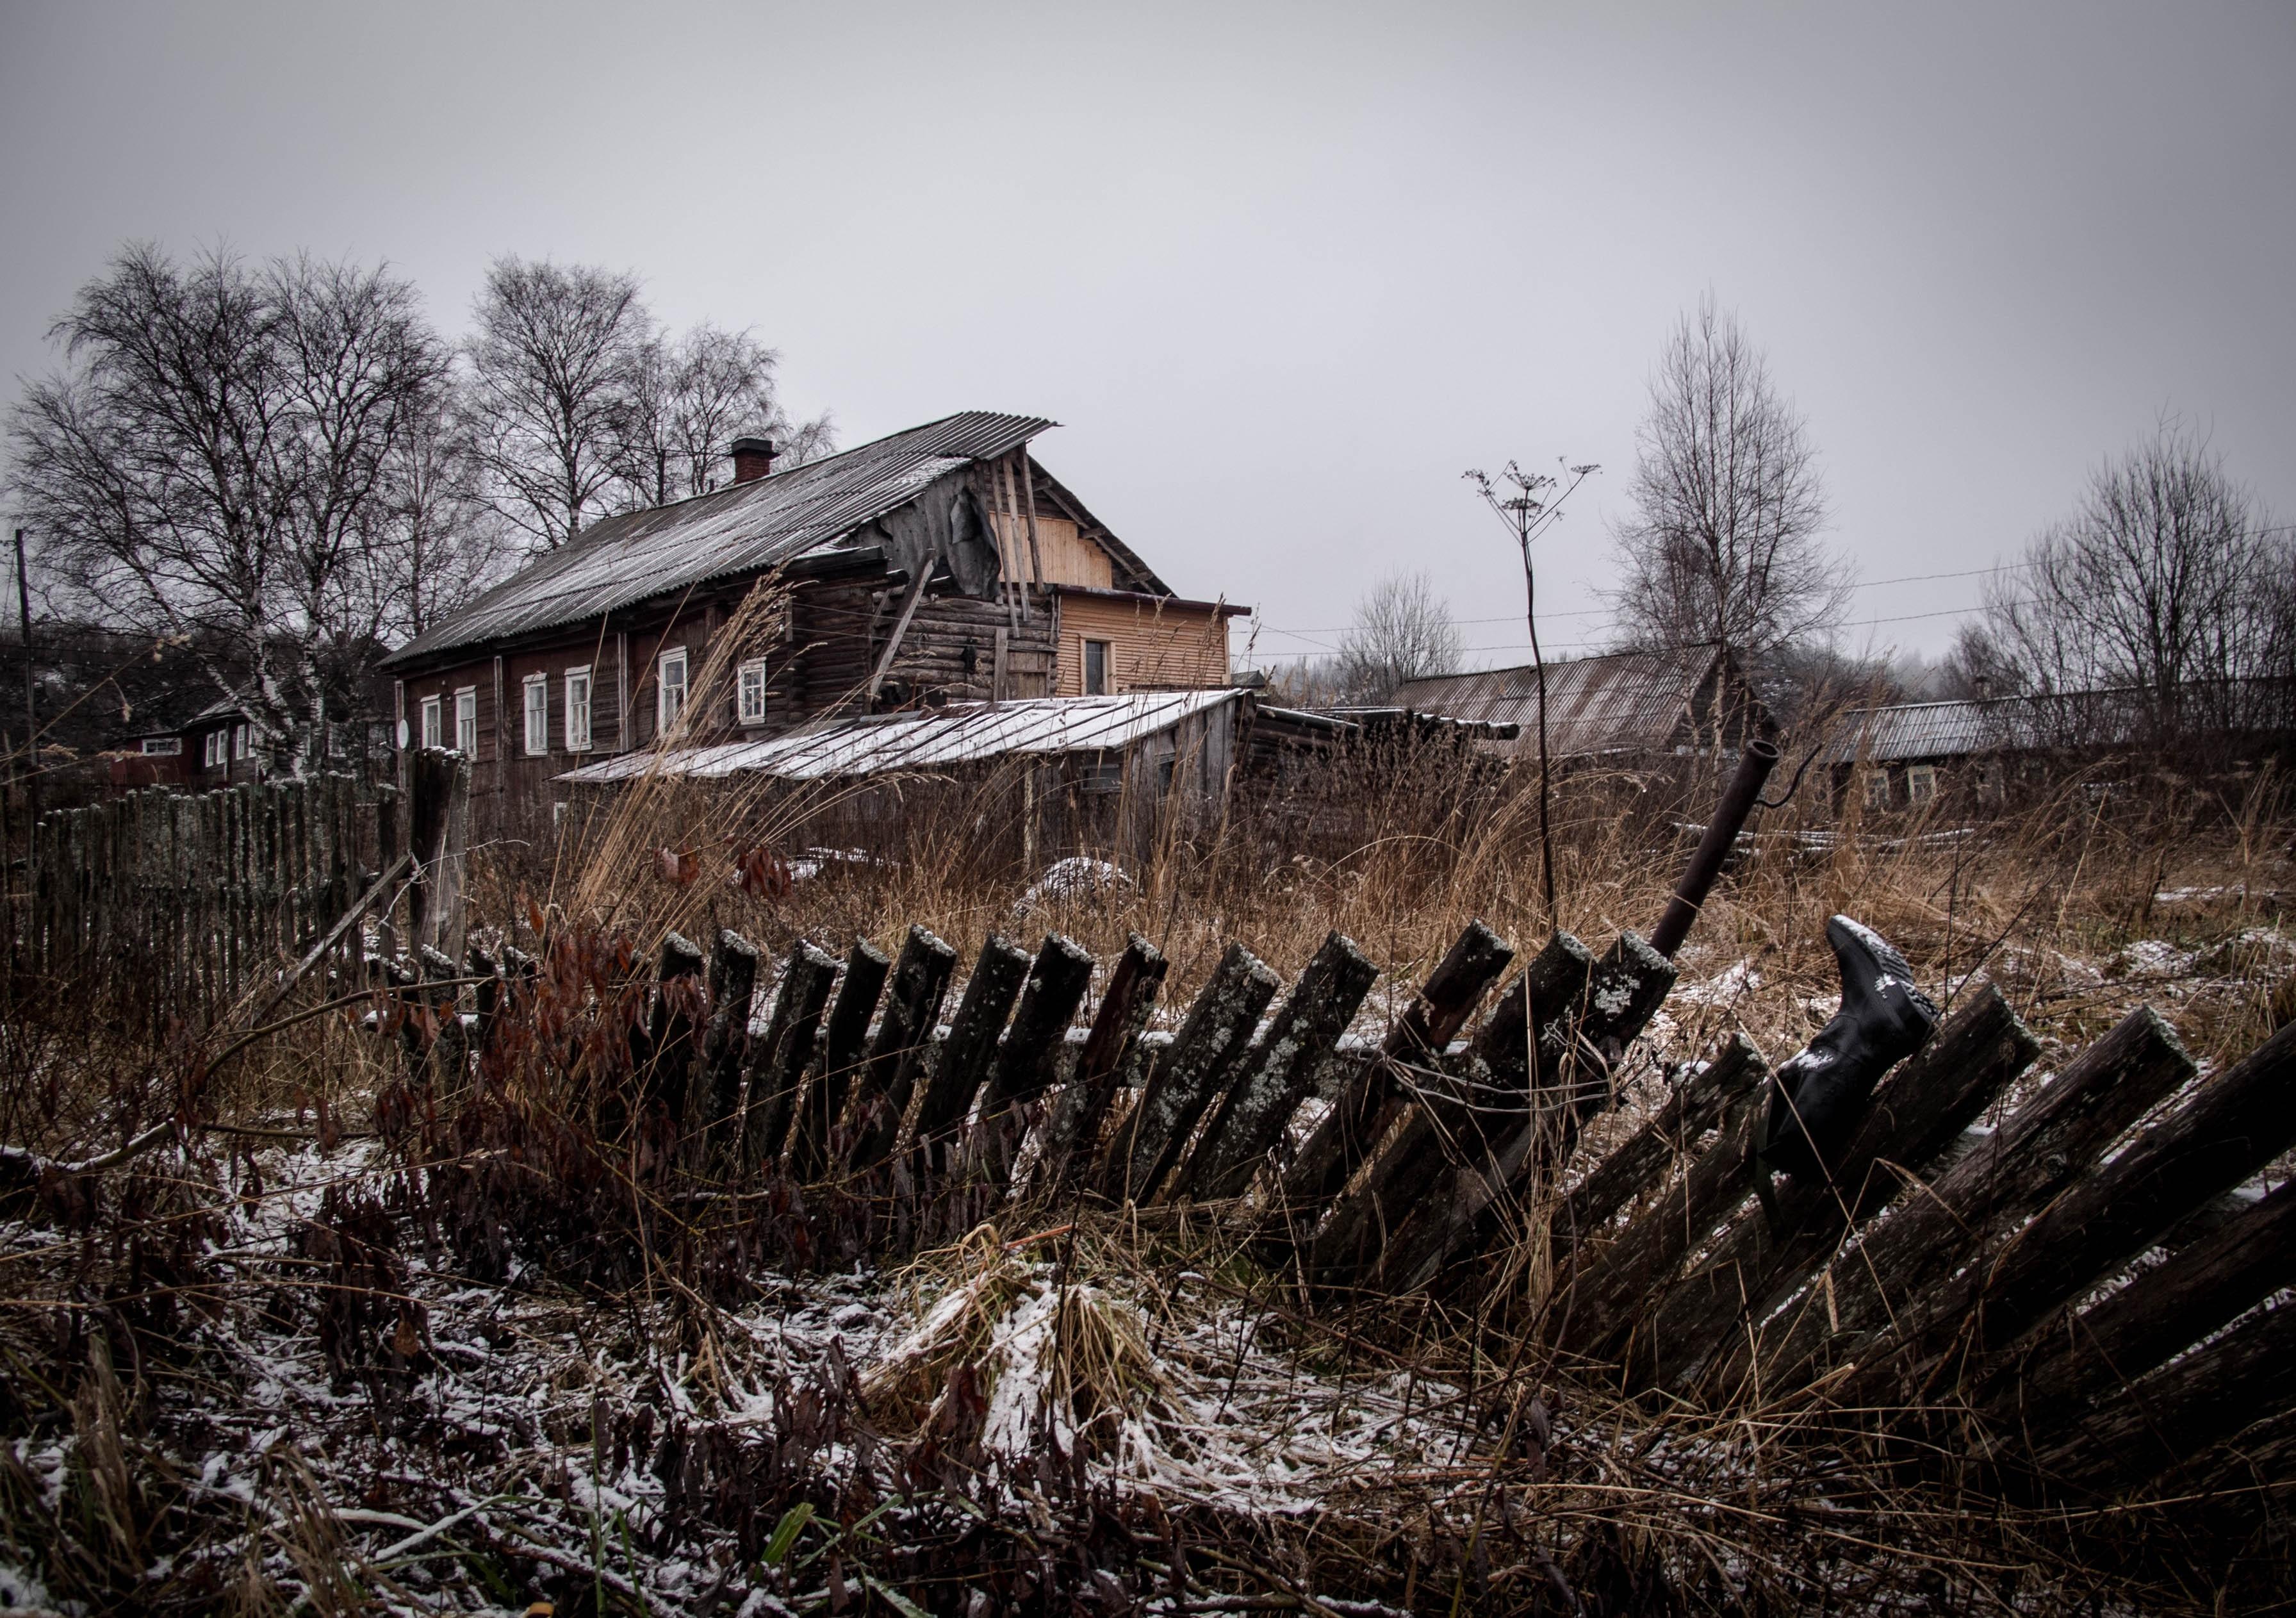 ноутбук является фото разрушенных домов в деревне обследования клинике музыканта